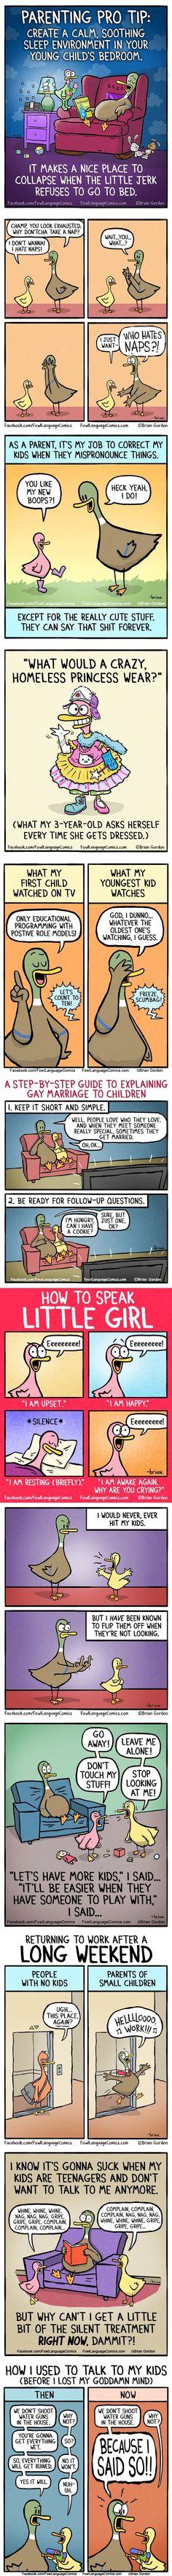 These comics hilariously sum up parenthood.